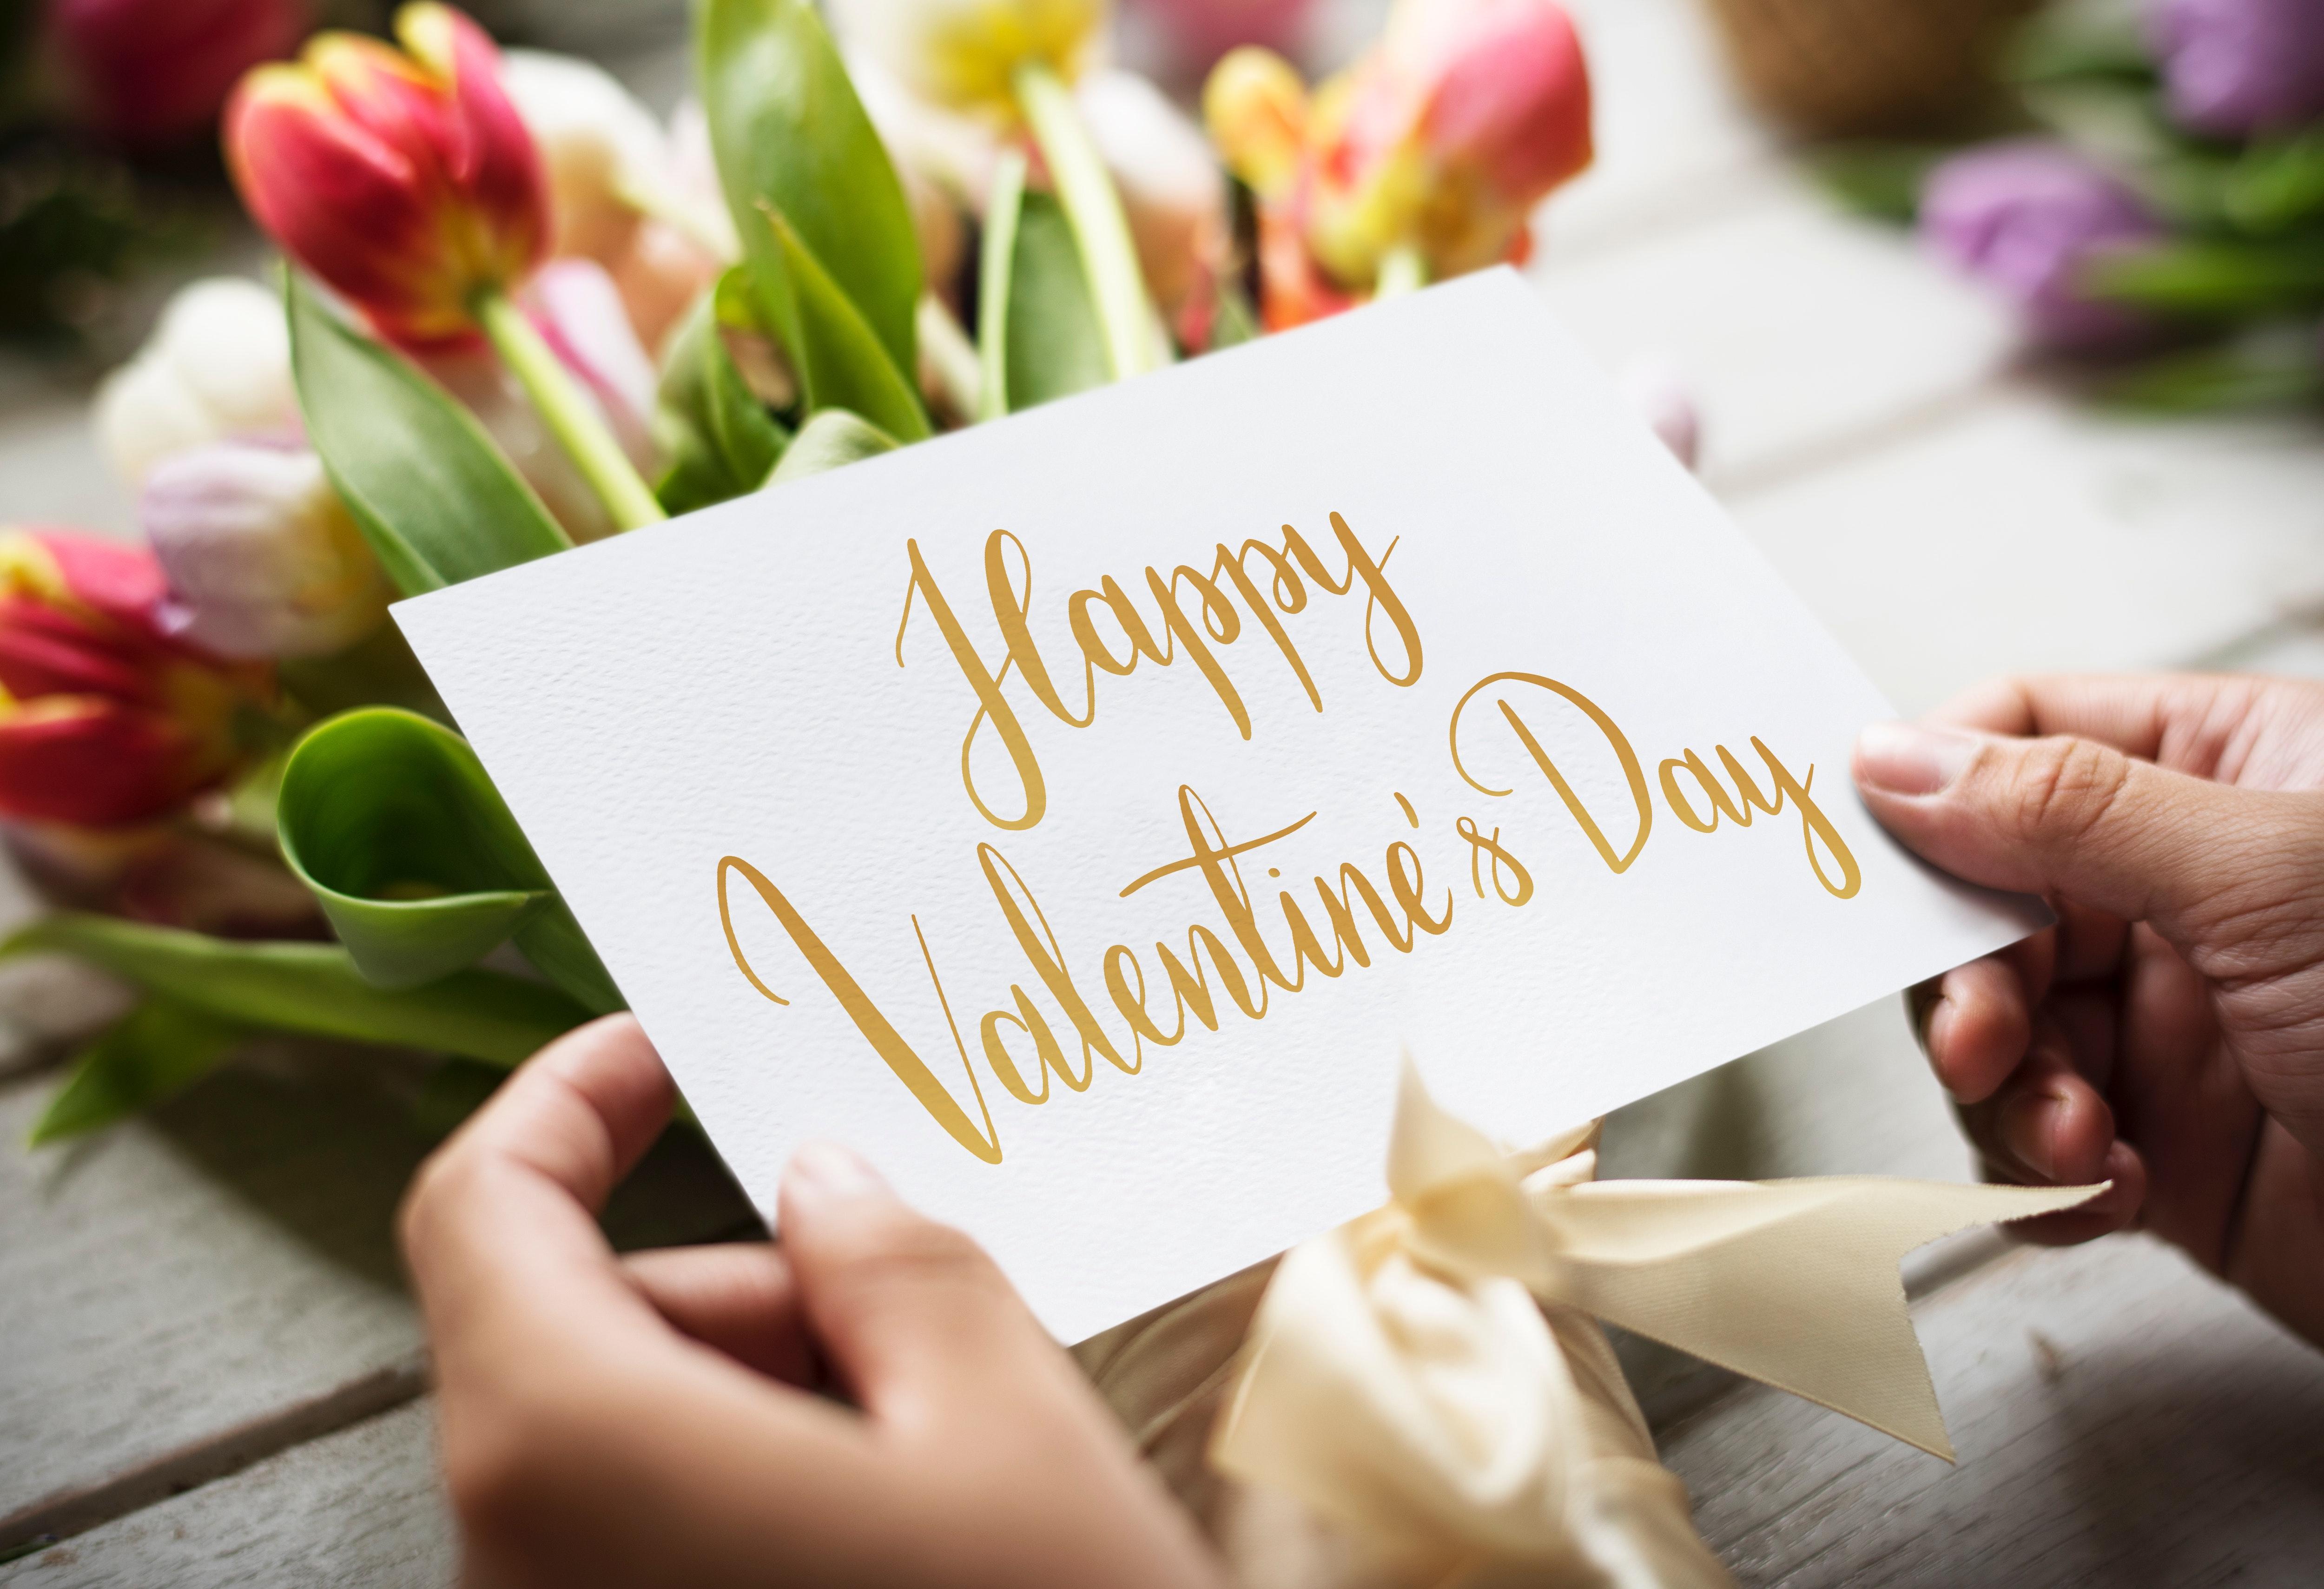 Nezapomeňte koupit květiny k Valentýnu